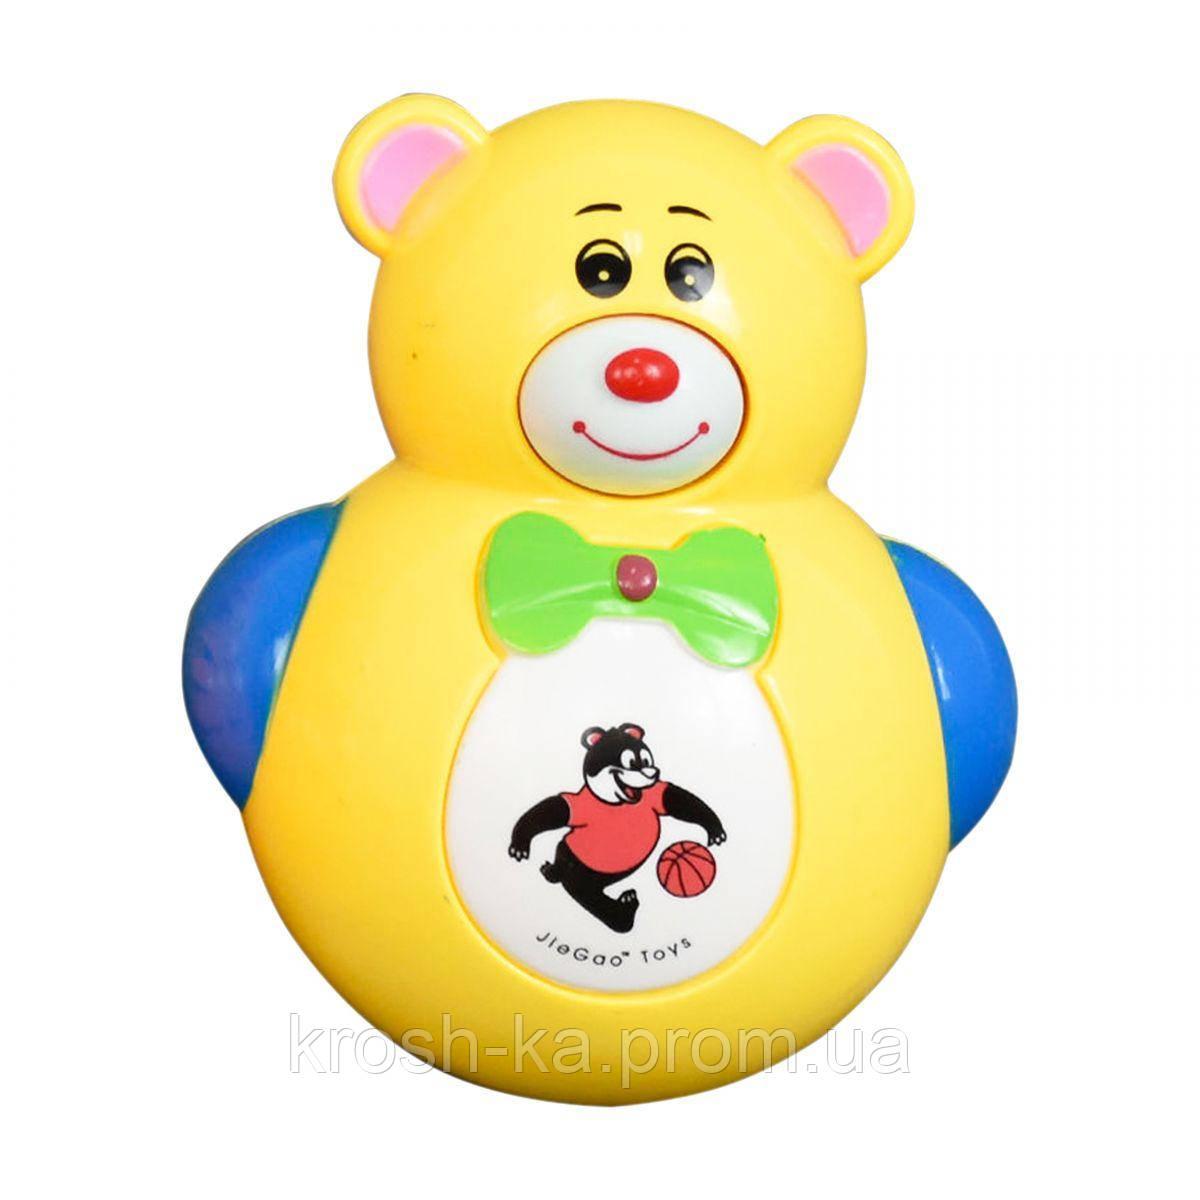 Музыкальная игрушка Неваляшка Мишка Китай 6399